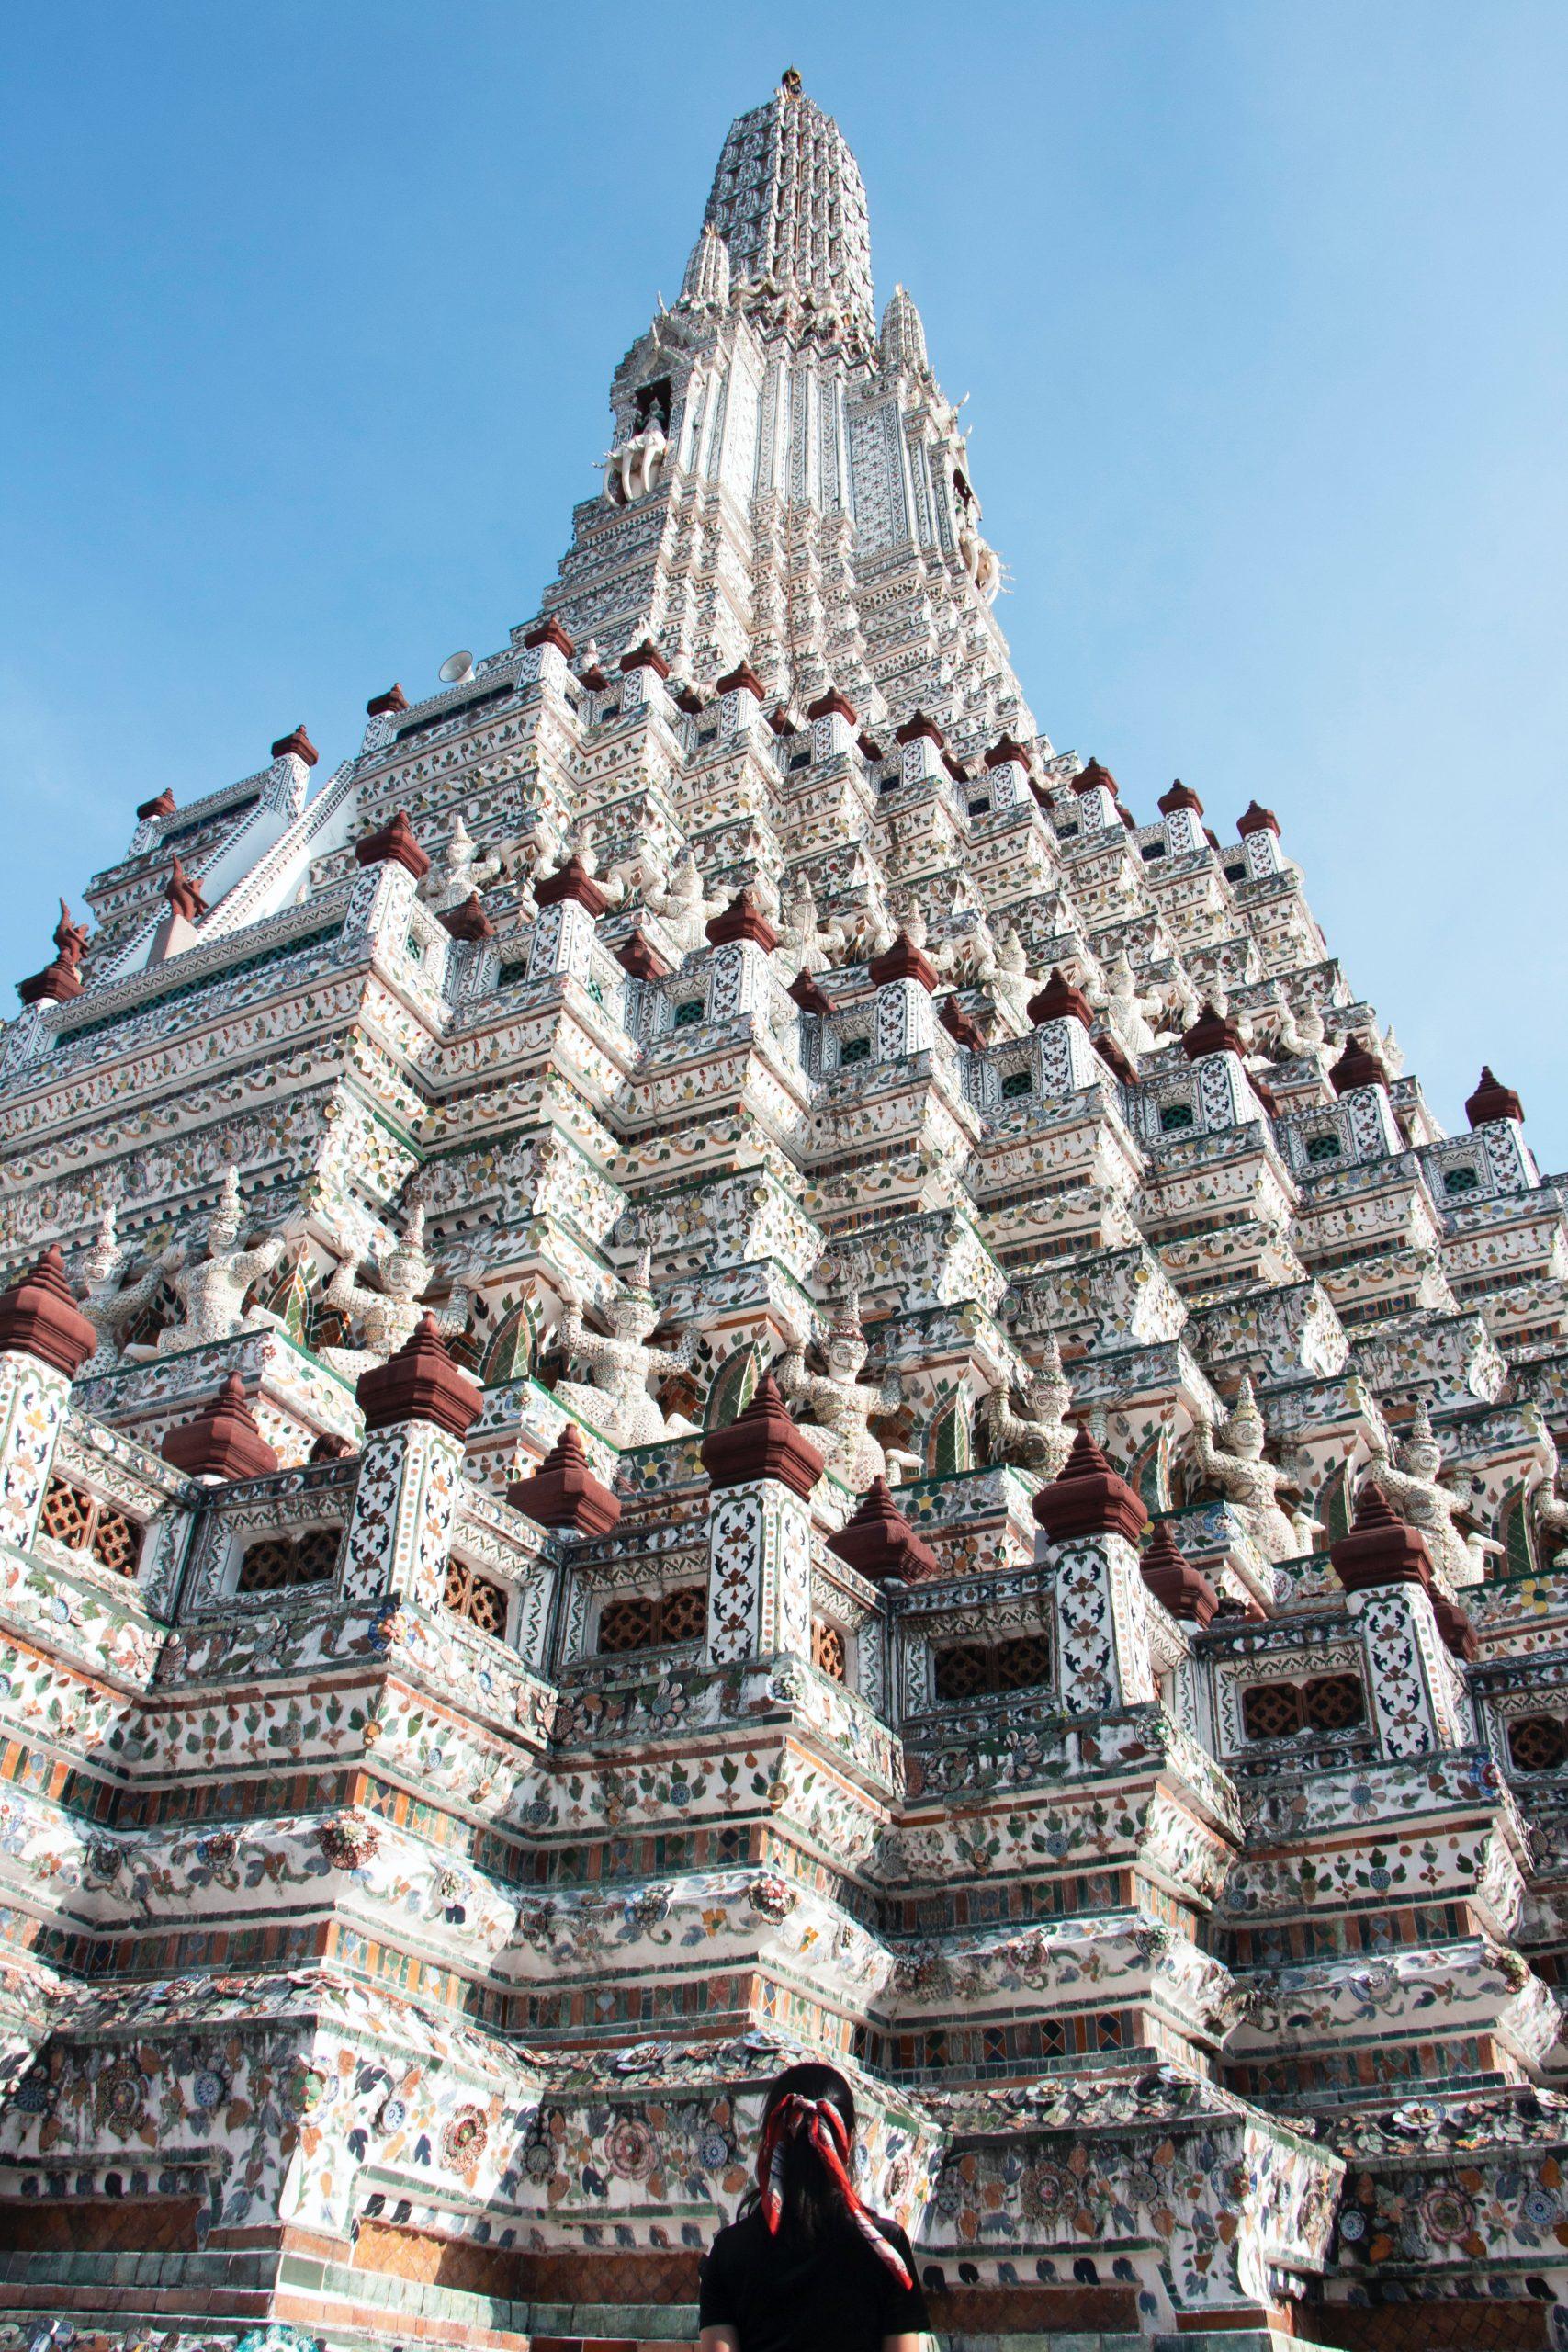 La Traduction de vos documents en Thaï avec Eu Coordination, agence de Traduction et d'Interprétation.